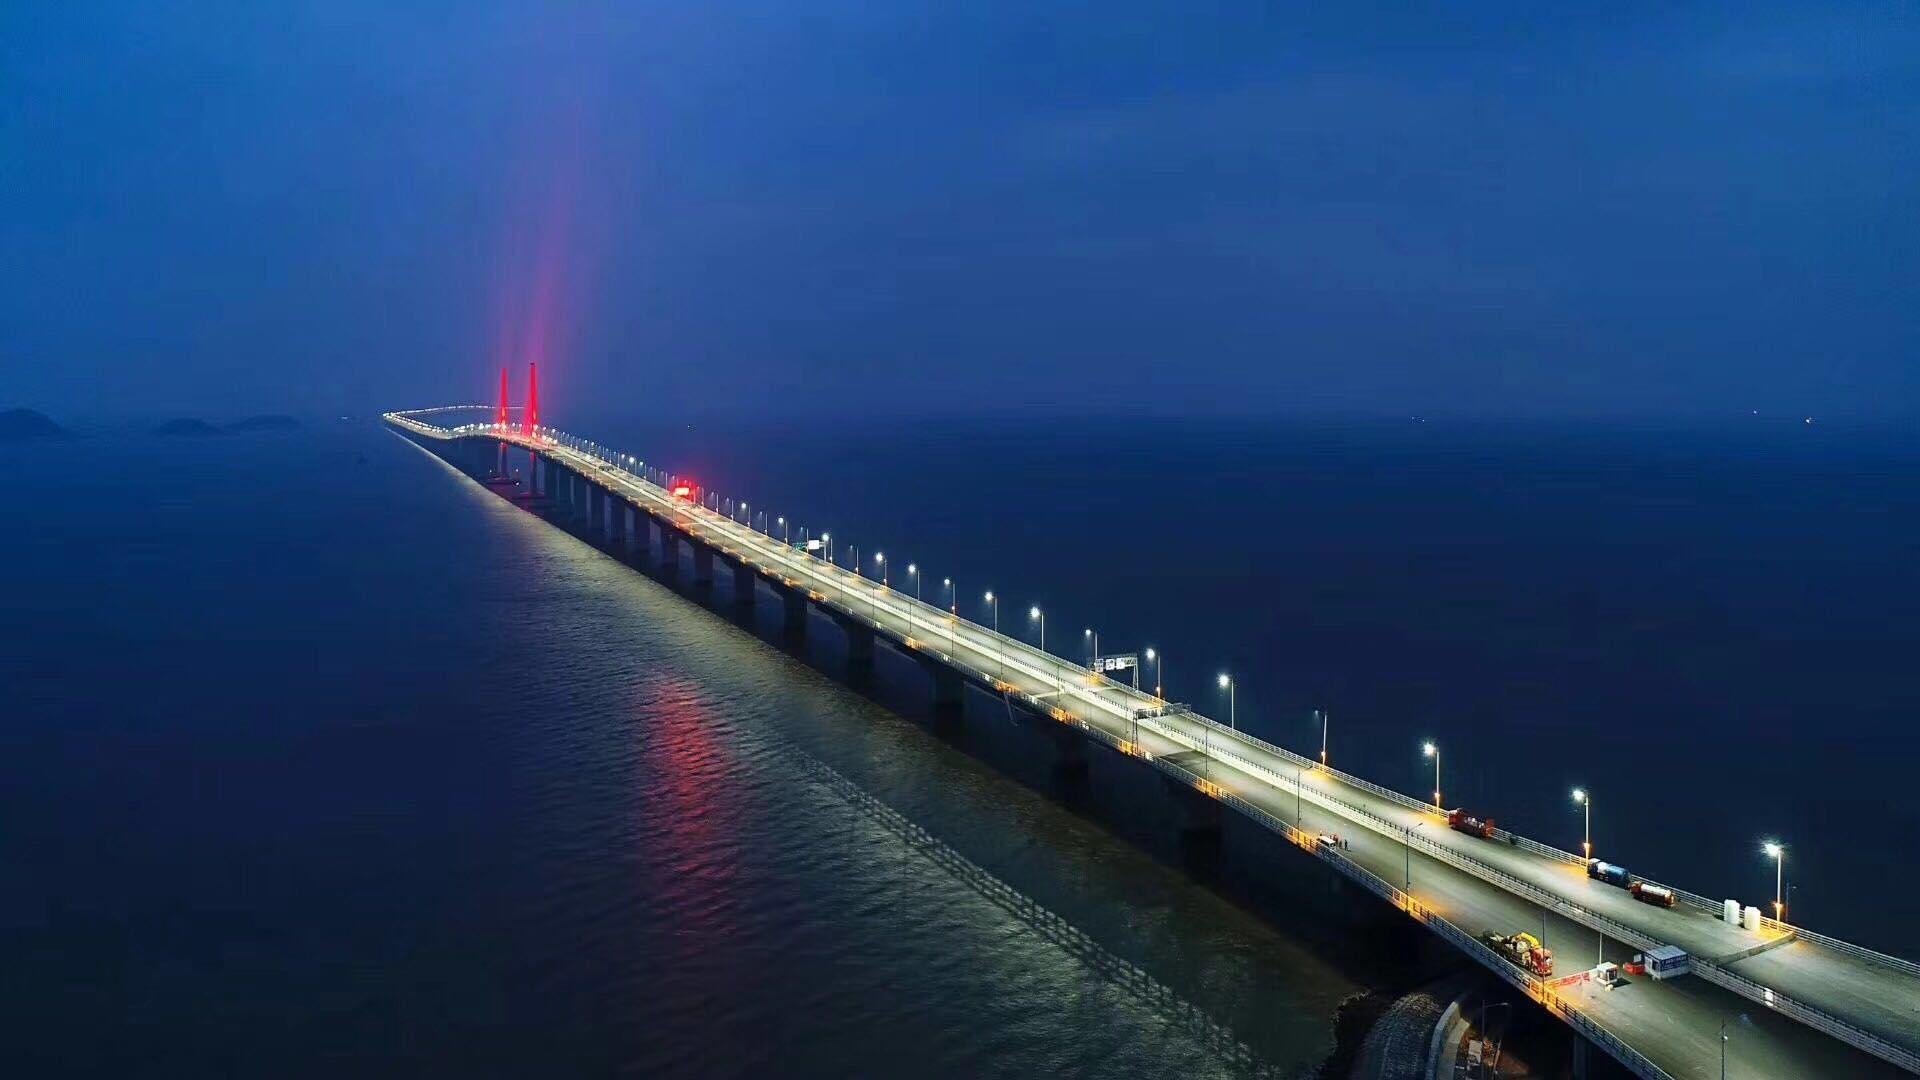 Die Hongkong-Zhuhai-Macao-Brücke zwischen Hong Kong und Macau